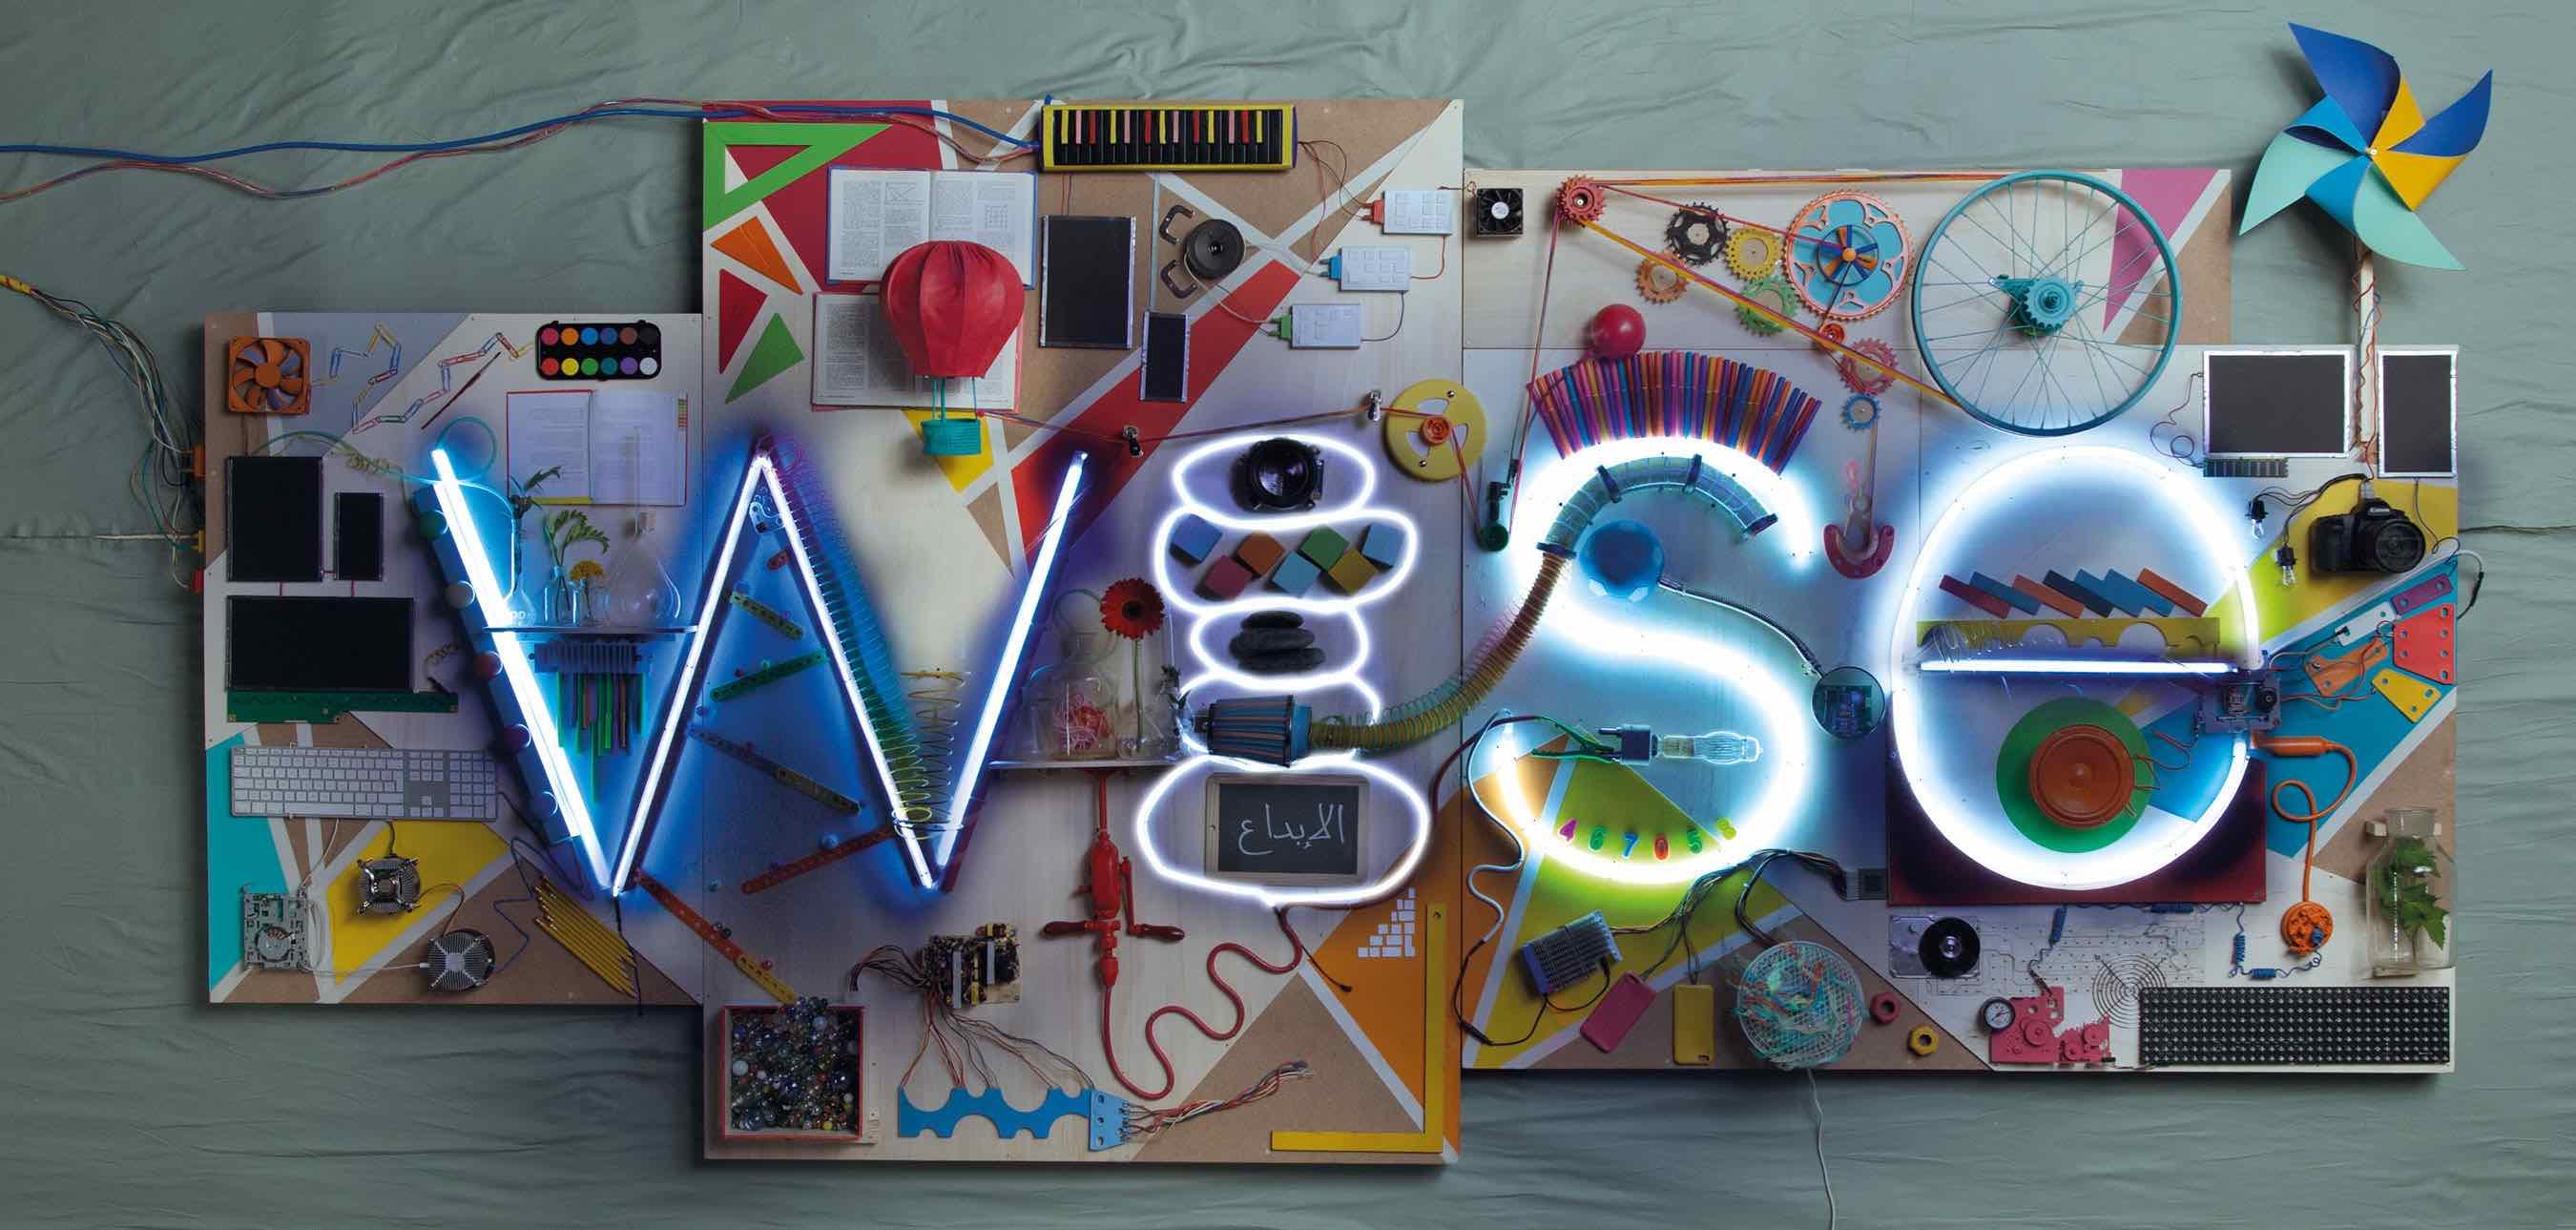 WISE annonce les quatre projets sélectionnées pour rejoindre son accélérateur